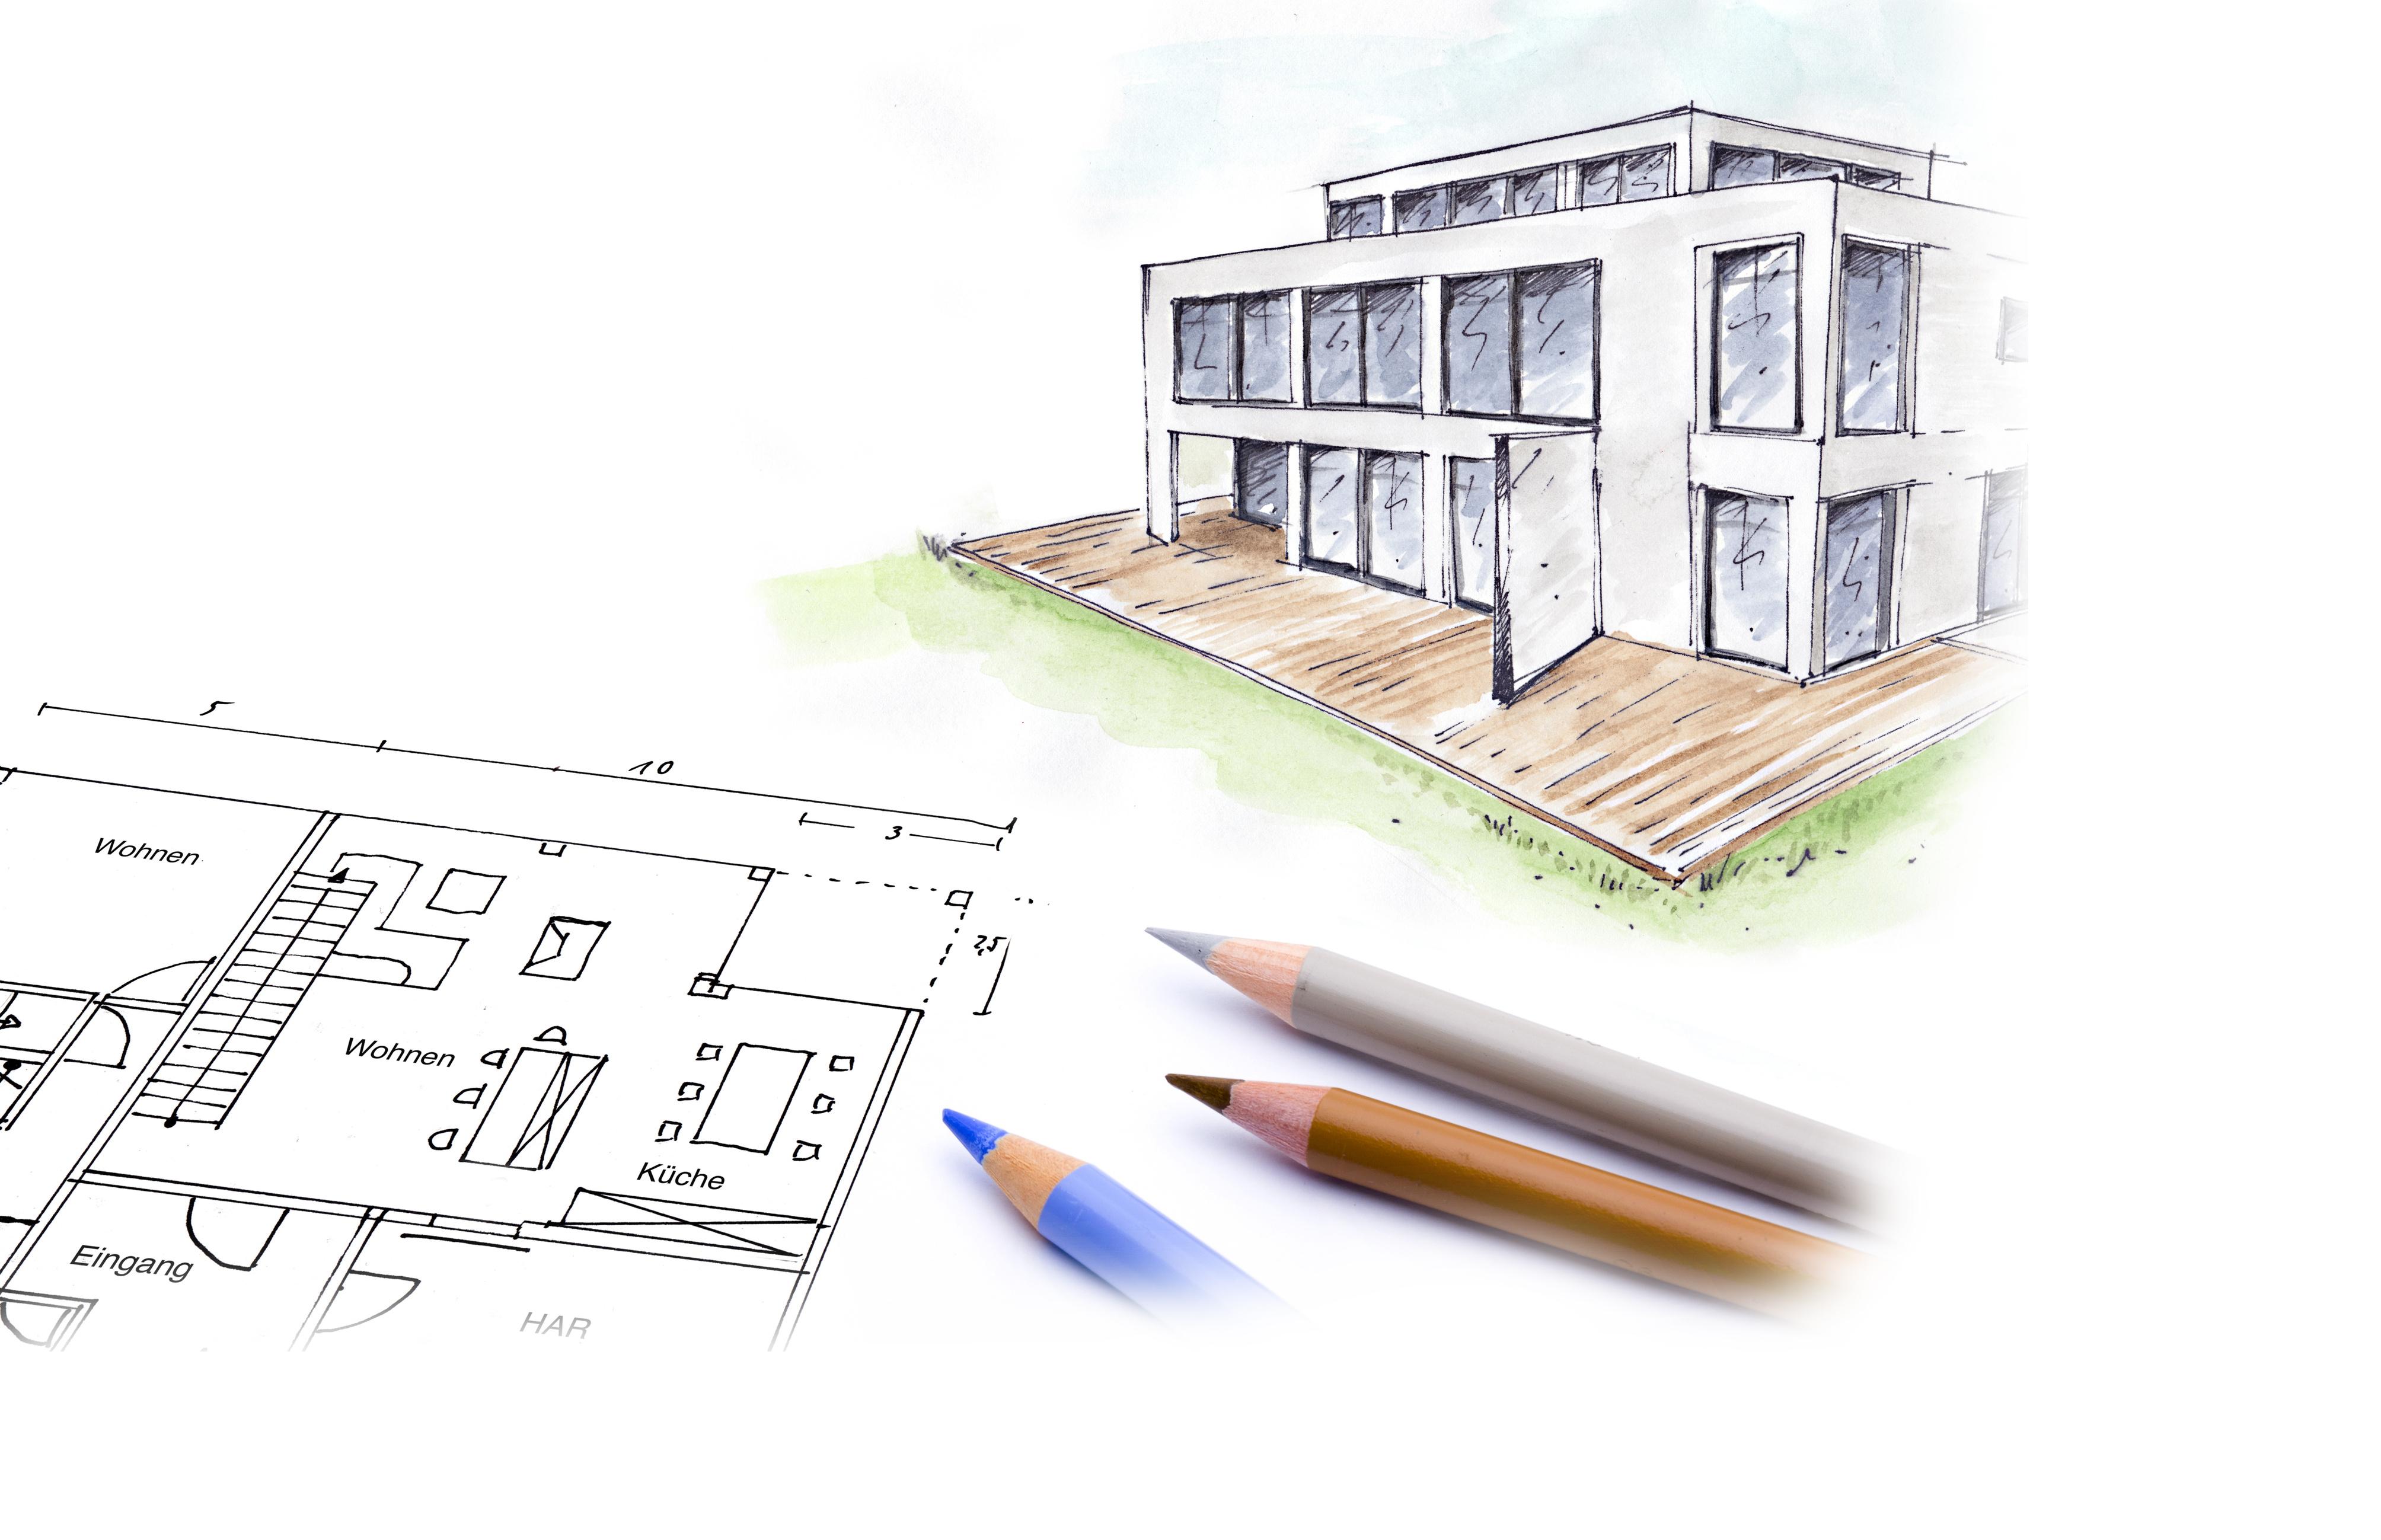 Vernetzte Technologien werden eingesetzt, um Türen, Fenster und Garagentore smart zu steuern.